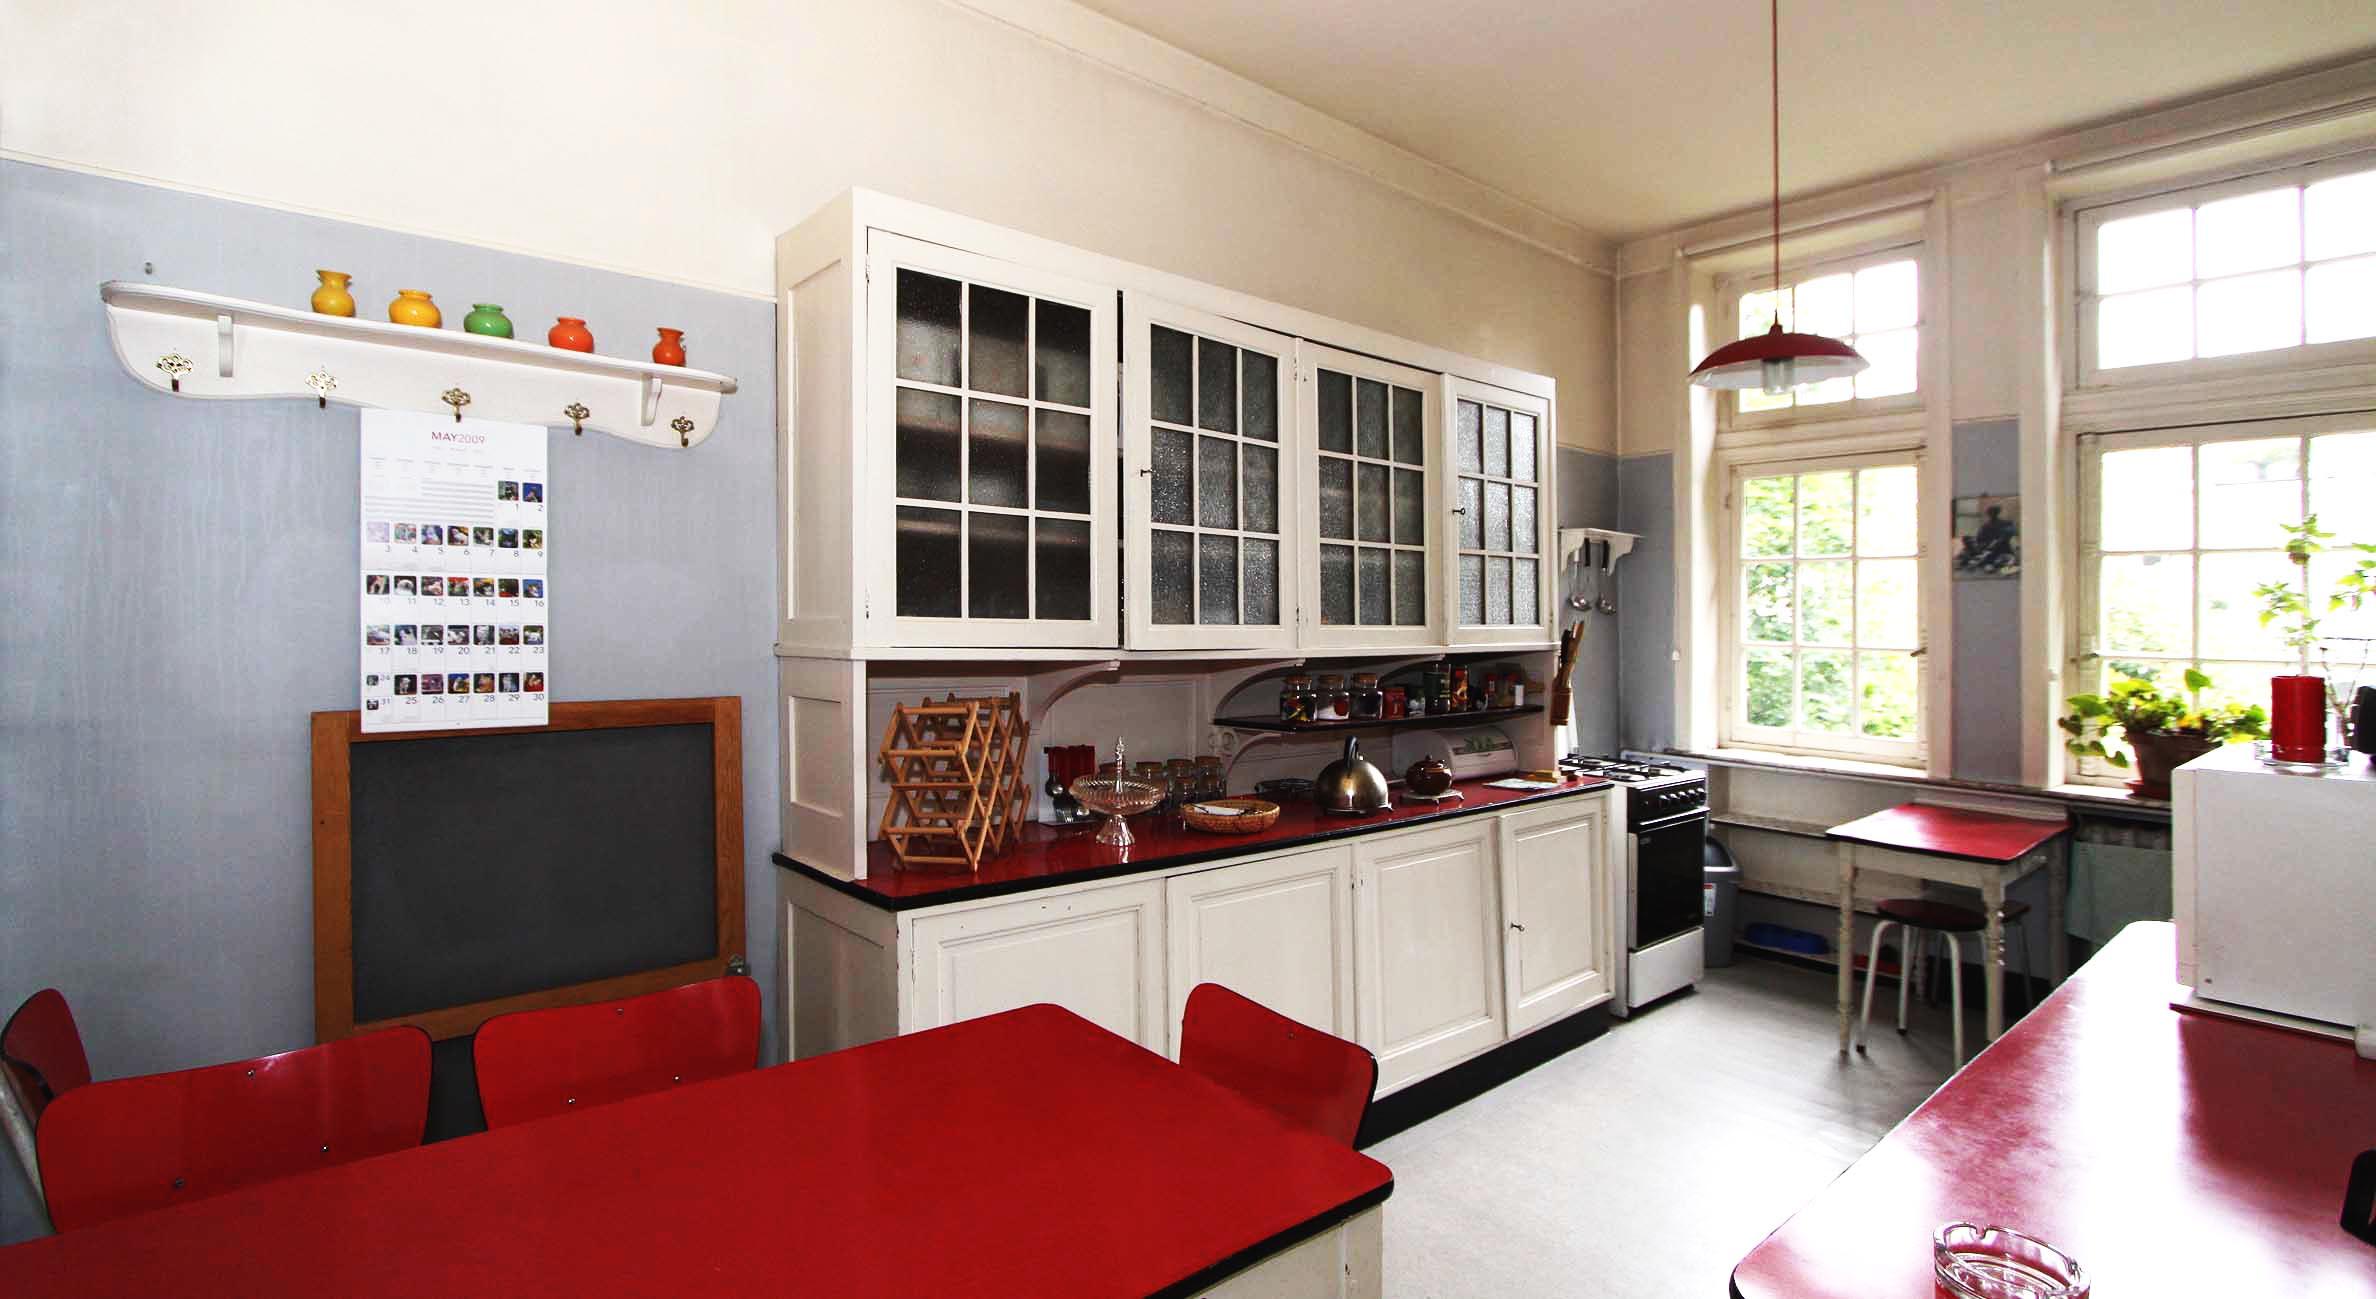 Location appartement Bordeaux, un bon plan pour celles qui cherchent !